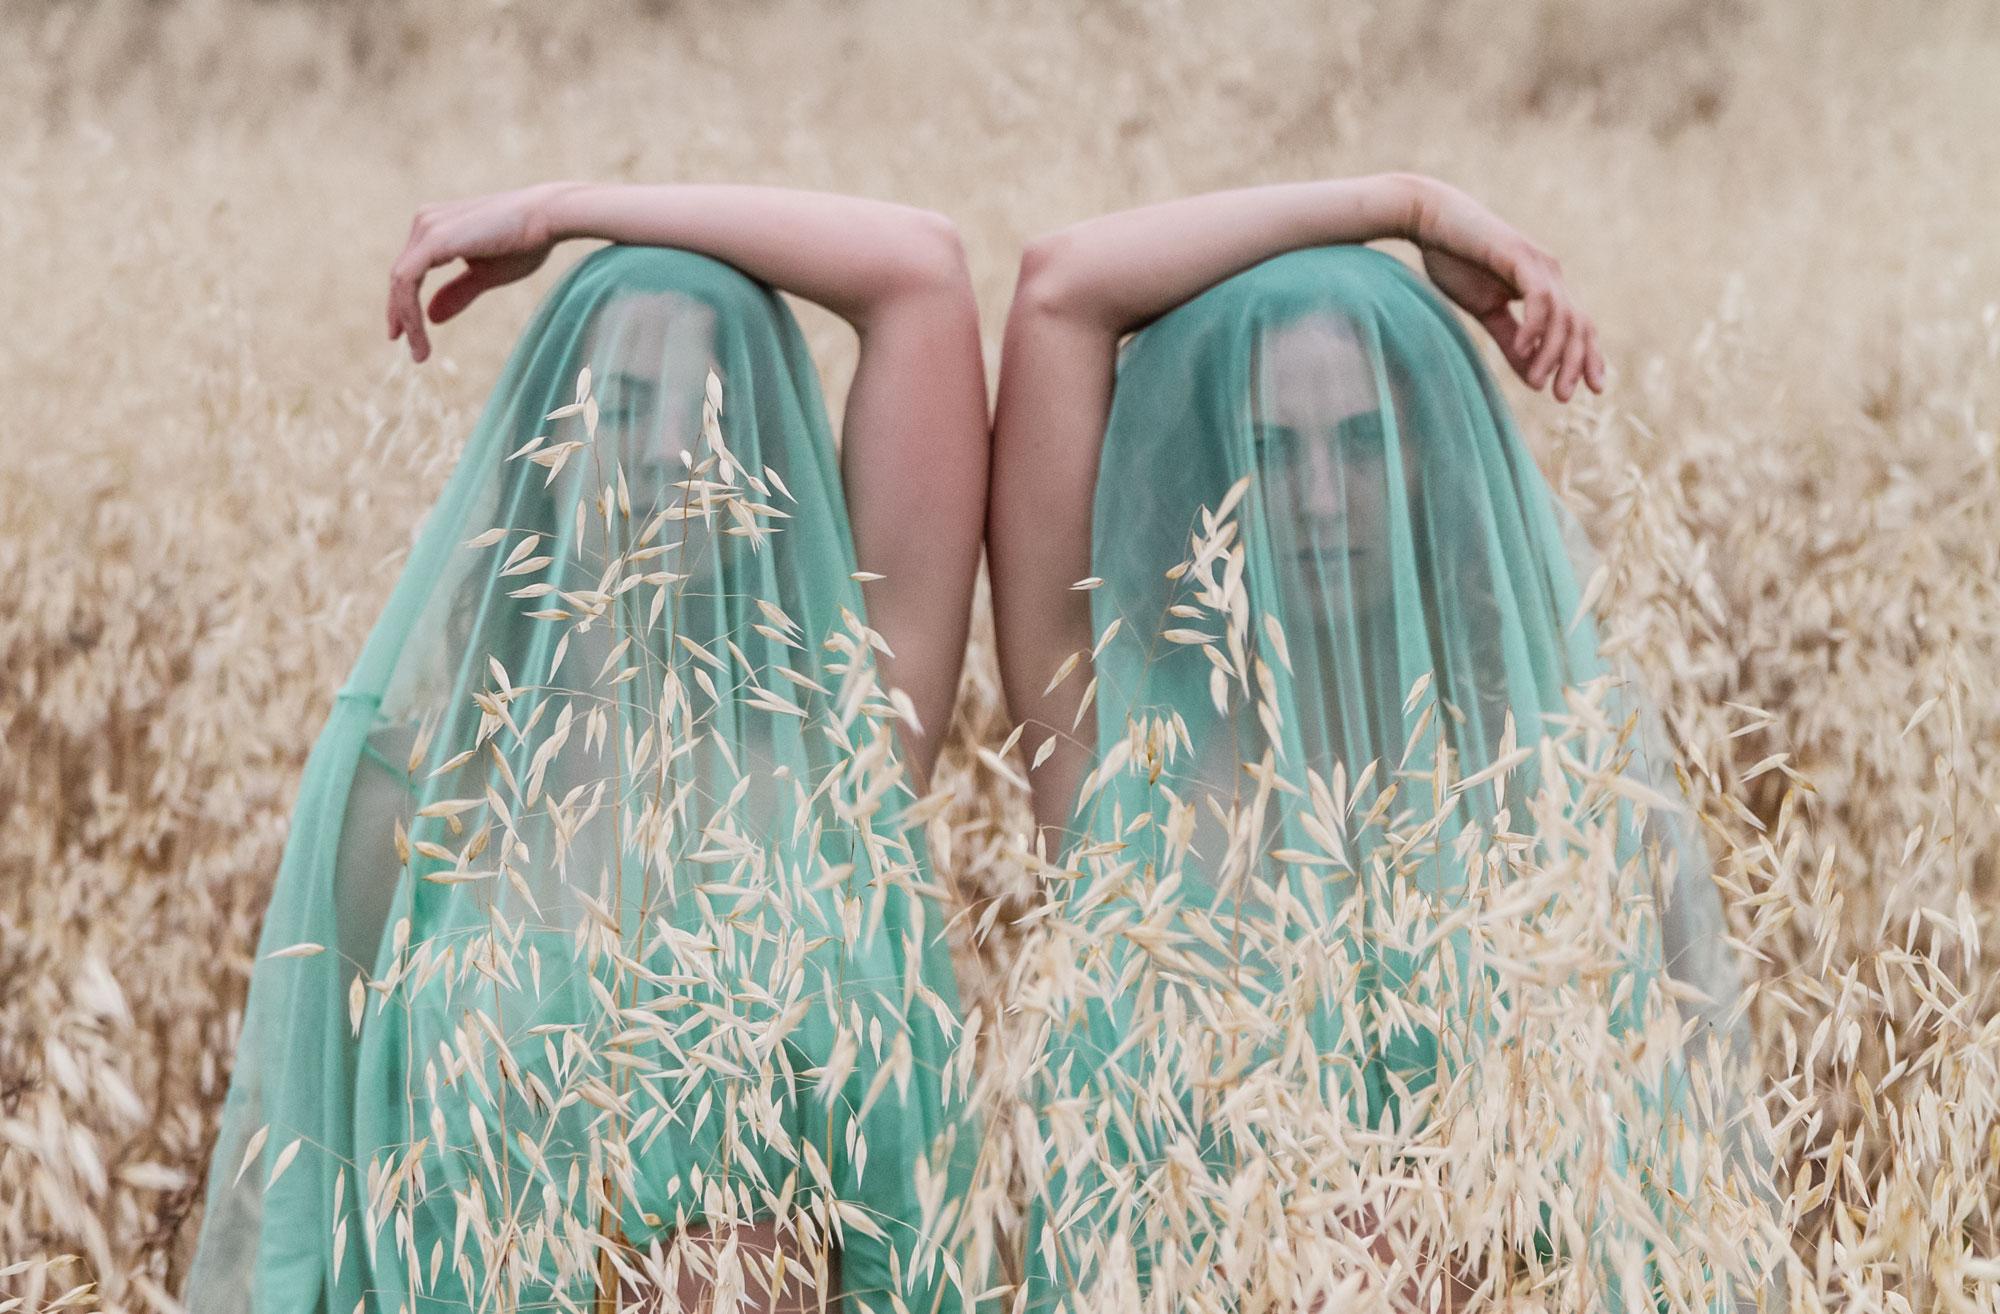 Maria Santos Foto y Arte - Portraits